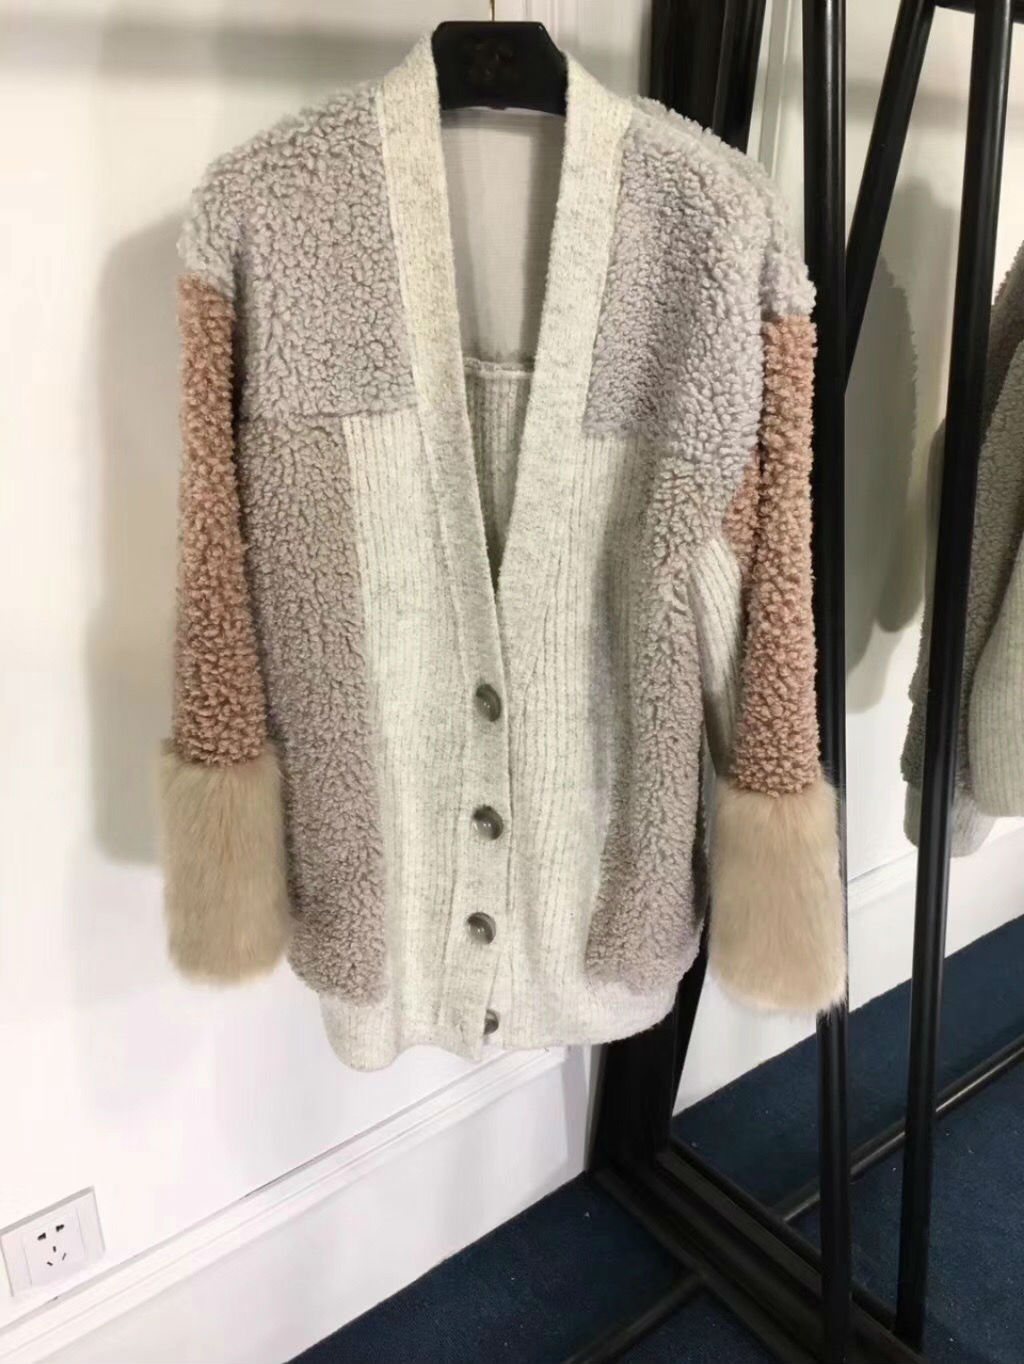 Automne Cardigan Femmes Couture D'hiver Et Chandail Arrivée 2018 Chandails V Nouvelle Lâche Single Gratuite Livraison cou breasted Manches UdfHw6q